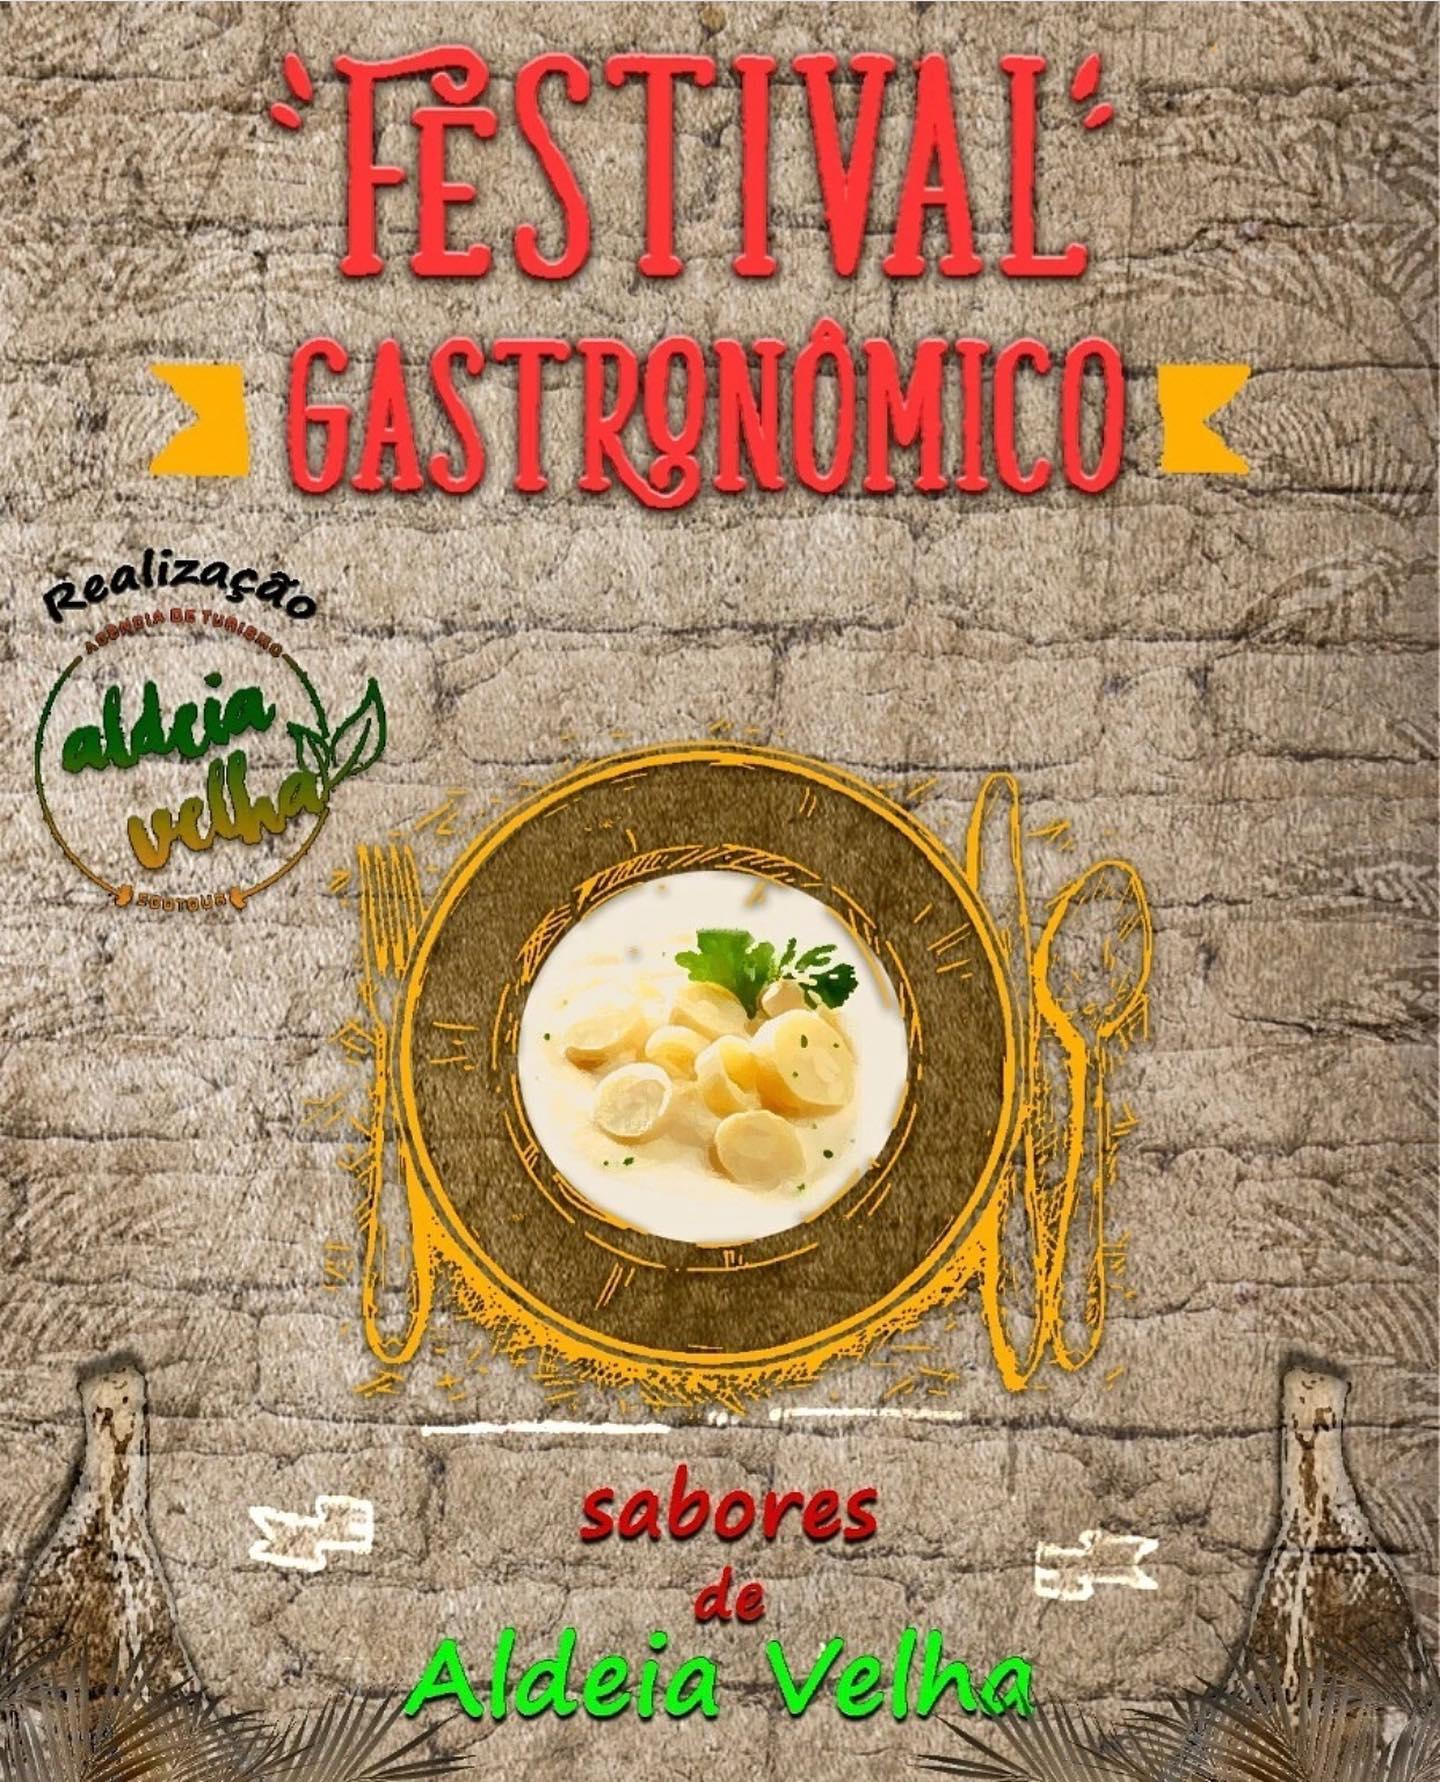 Começa o Festival Gastronômico de Aldeia Velha, em Silva Jardim. Evento será realizado até o dia 29